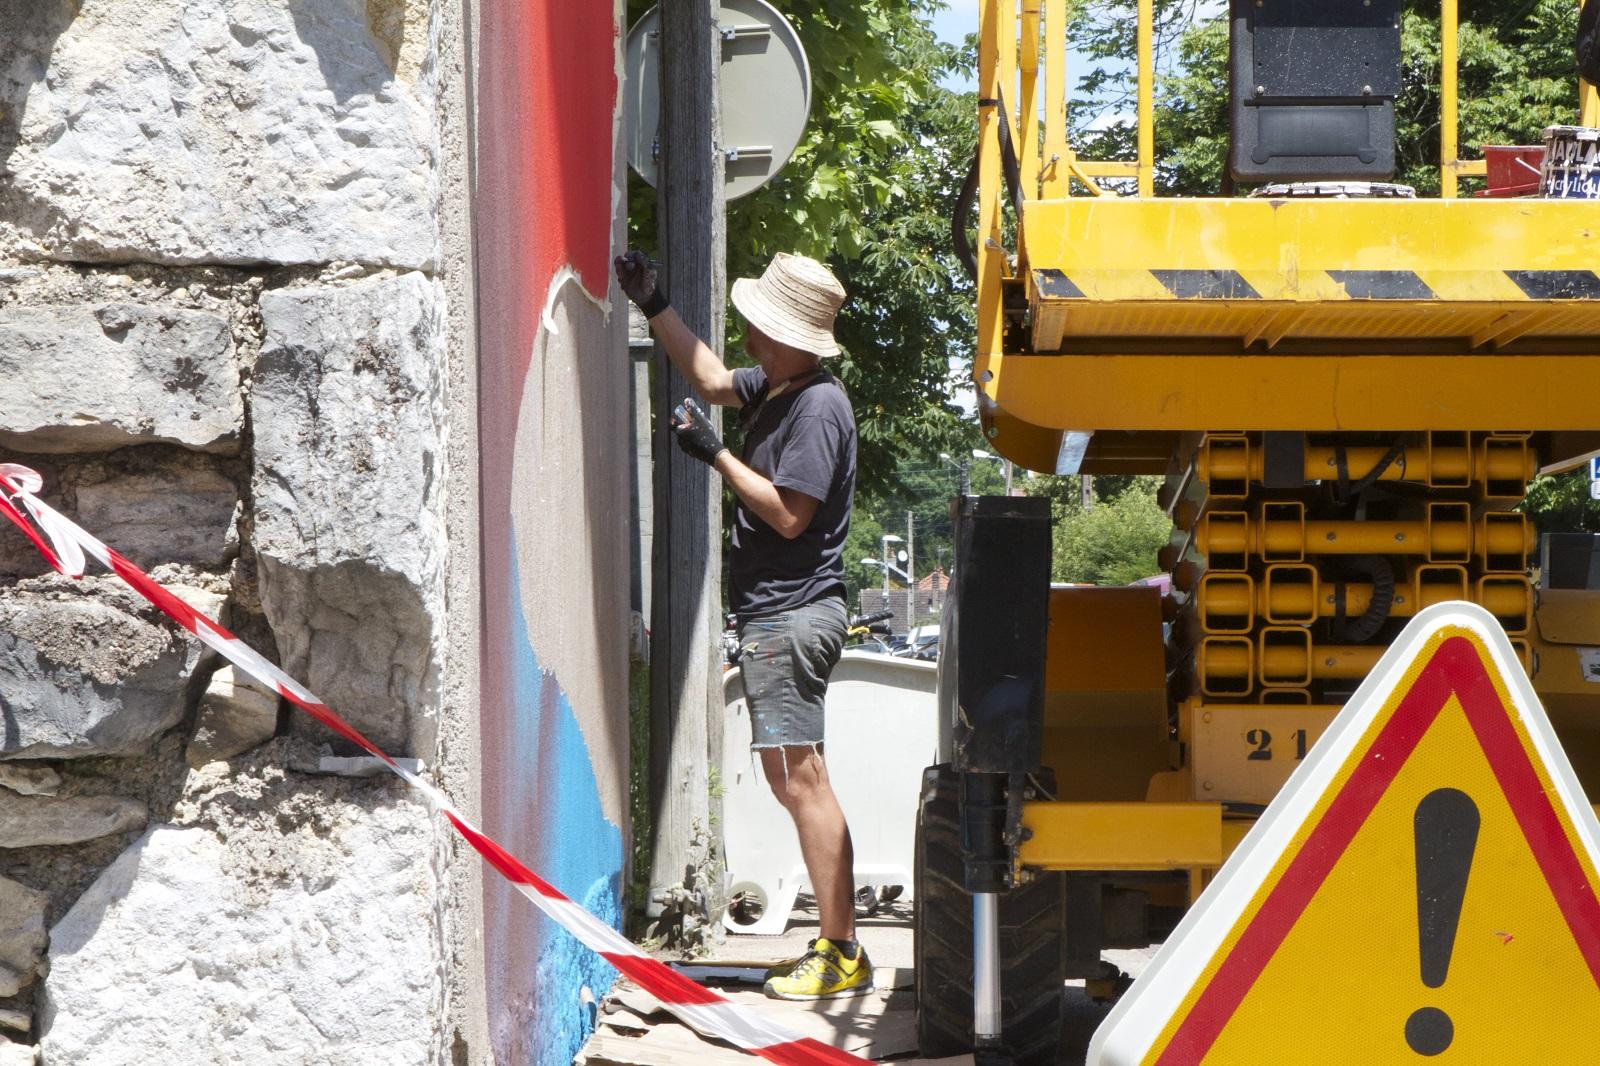 momo-new-murals-for-bien-urbain-festival-2014-02